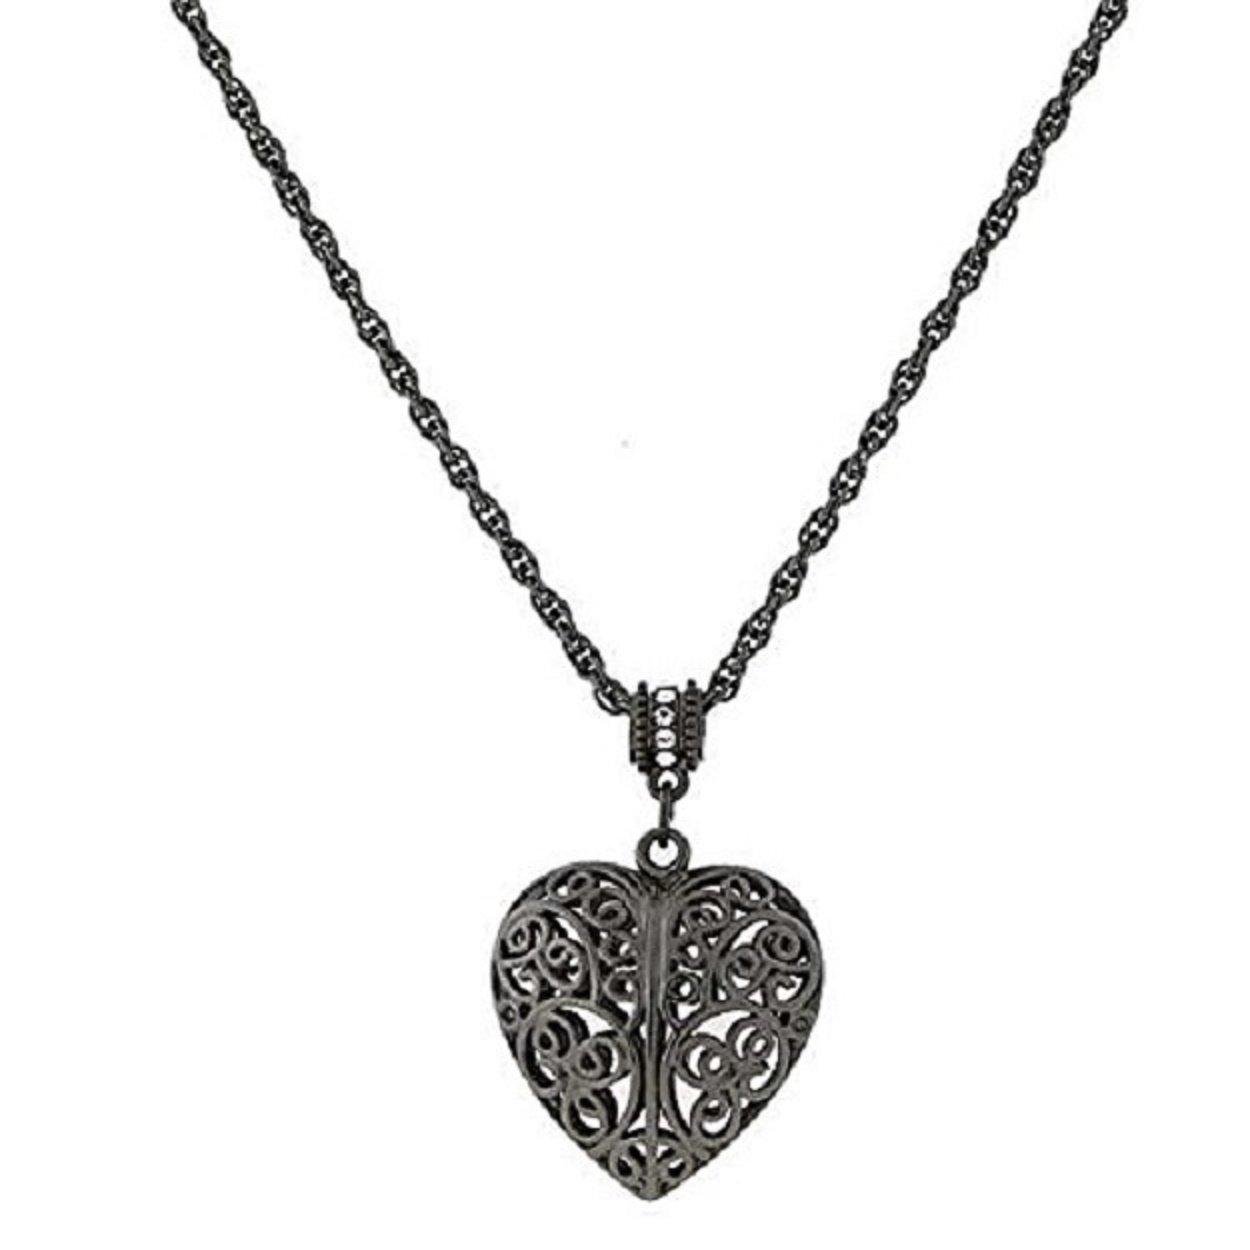 1928 Jewelry 18 Adjustable Jet Black Filigree Heart Pendant